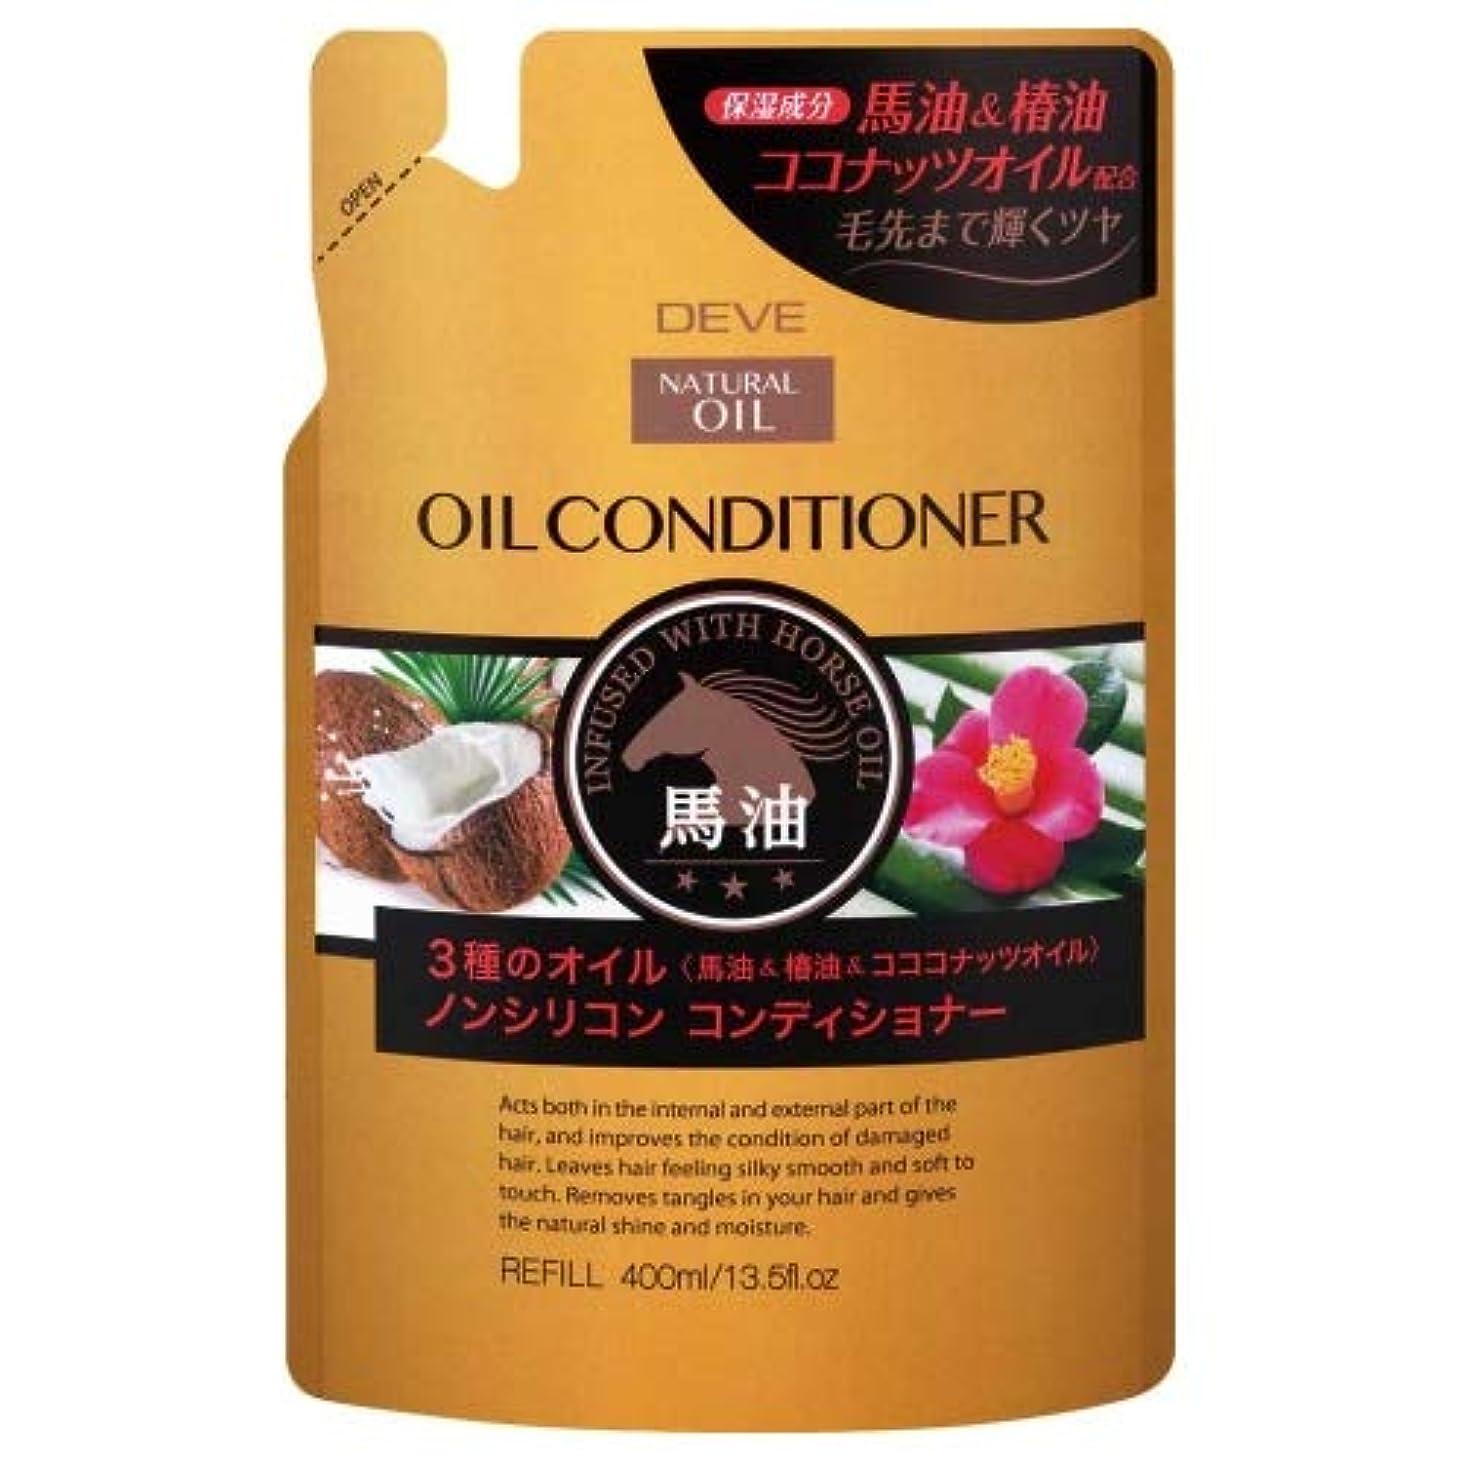 迷路欠陥罪熊野油脂 ディブ 3種のオイル コンディショナー(馬油?椿油?ココナッツオイル) 400ml